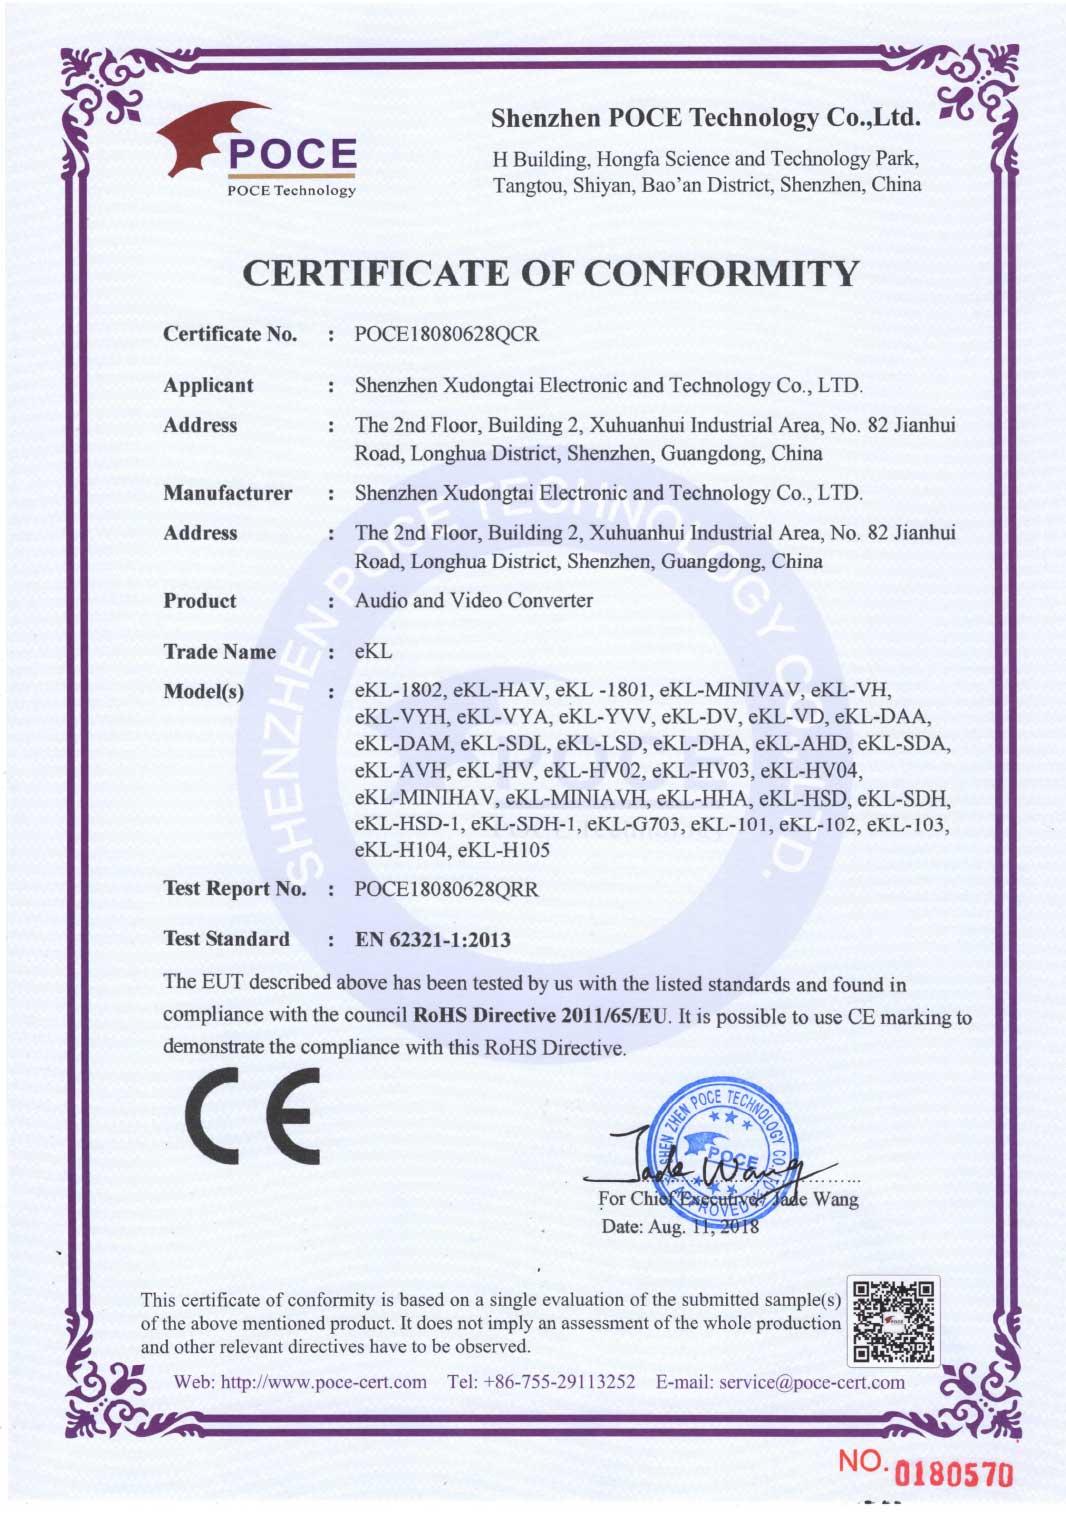 https://www.eklhd.com/upload/Certificate/Converter/Converter_RoHS.jpg